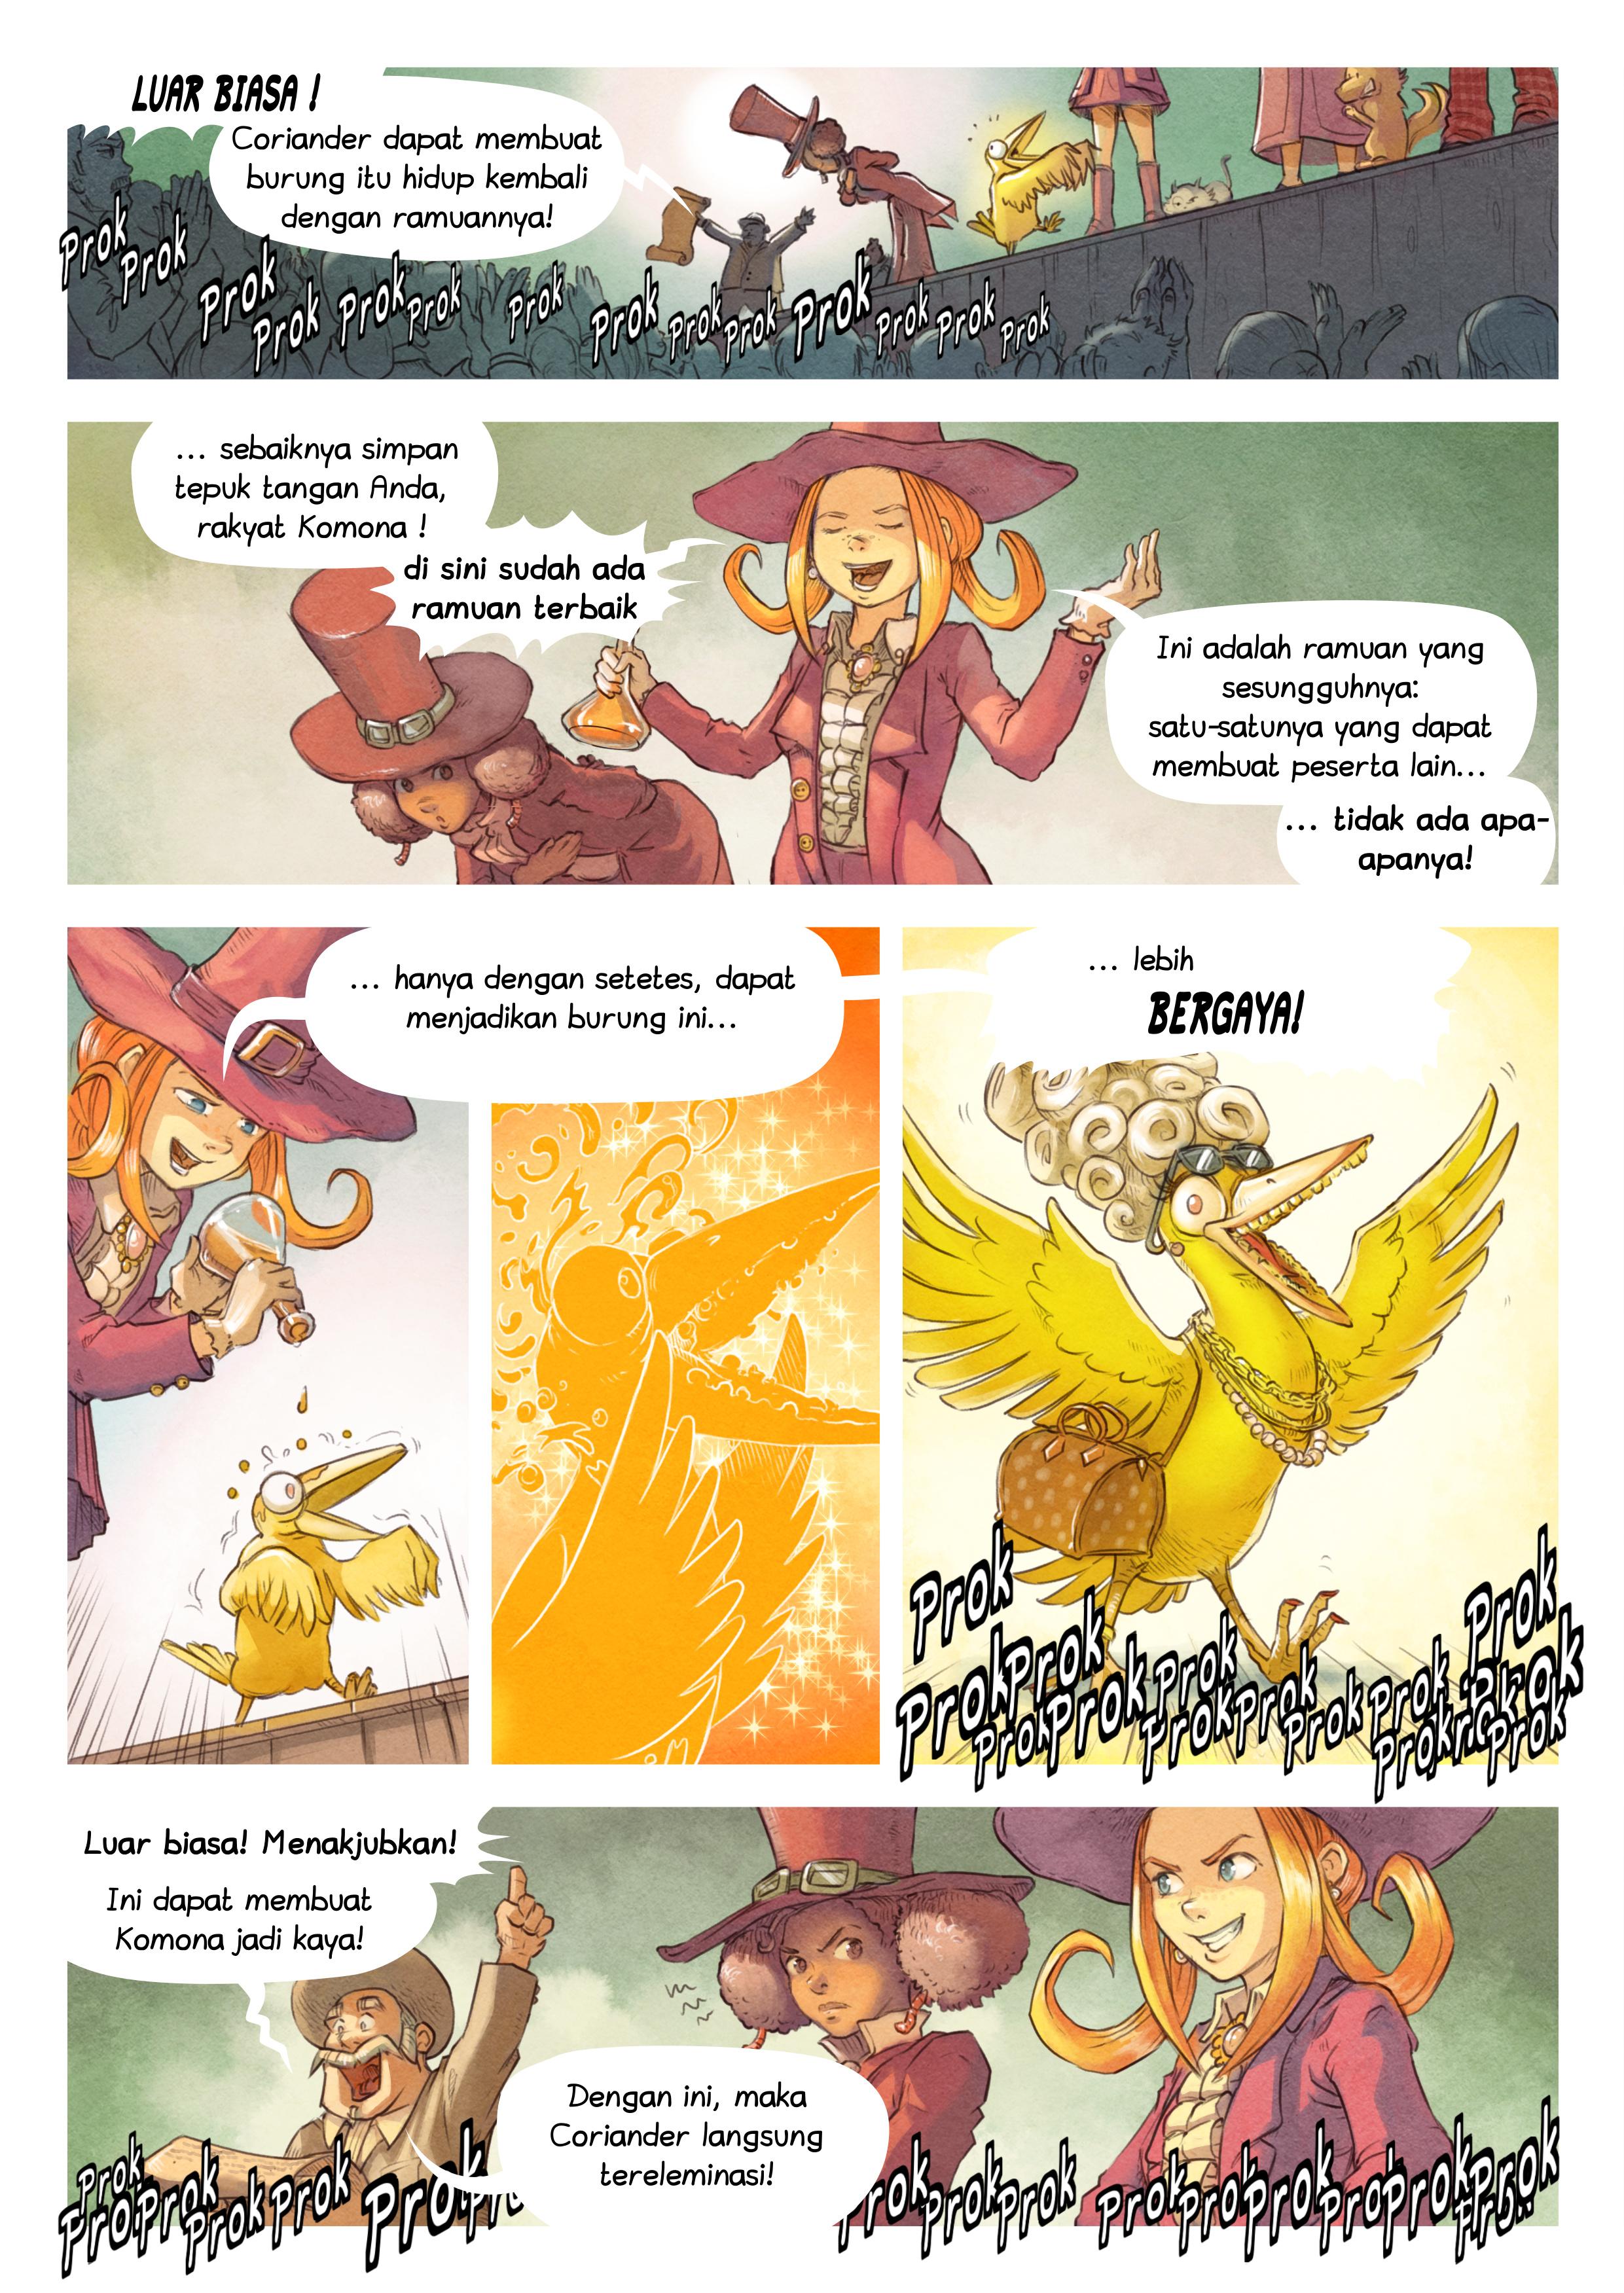 Episode 6: Perlombaan ramuan, Page 5